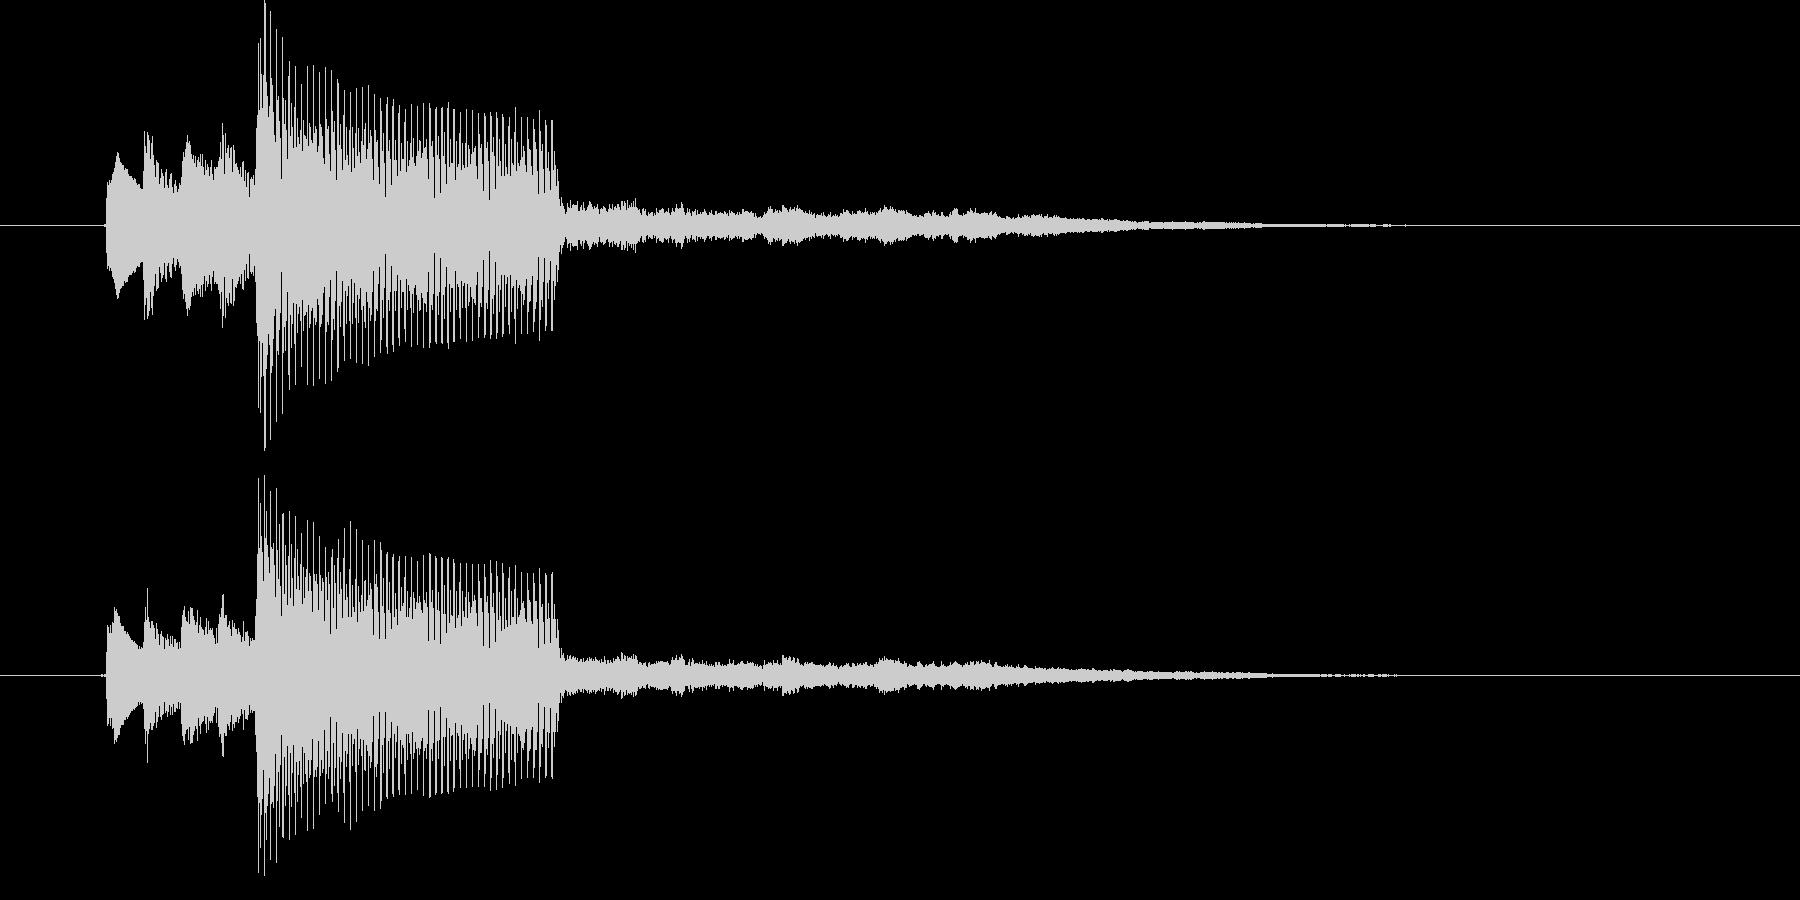 ほのぼのした音色が特徴のピアノのジングルの未再生の波形